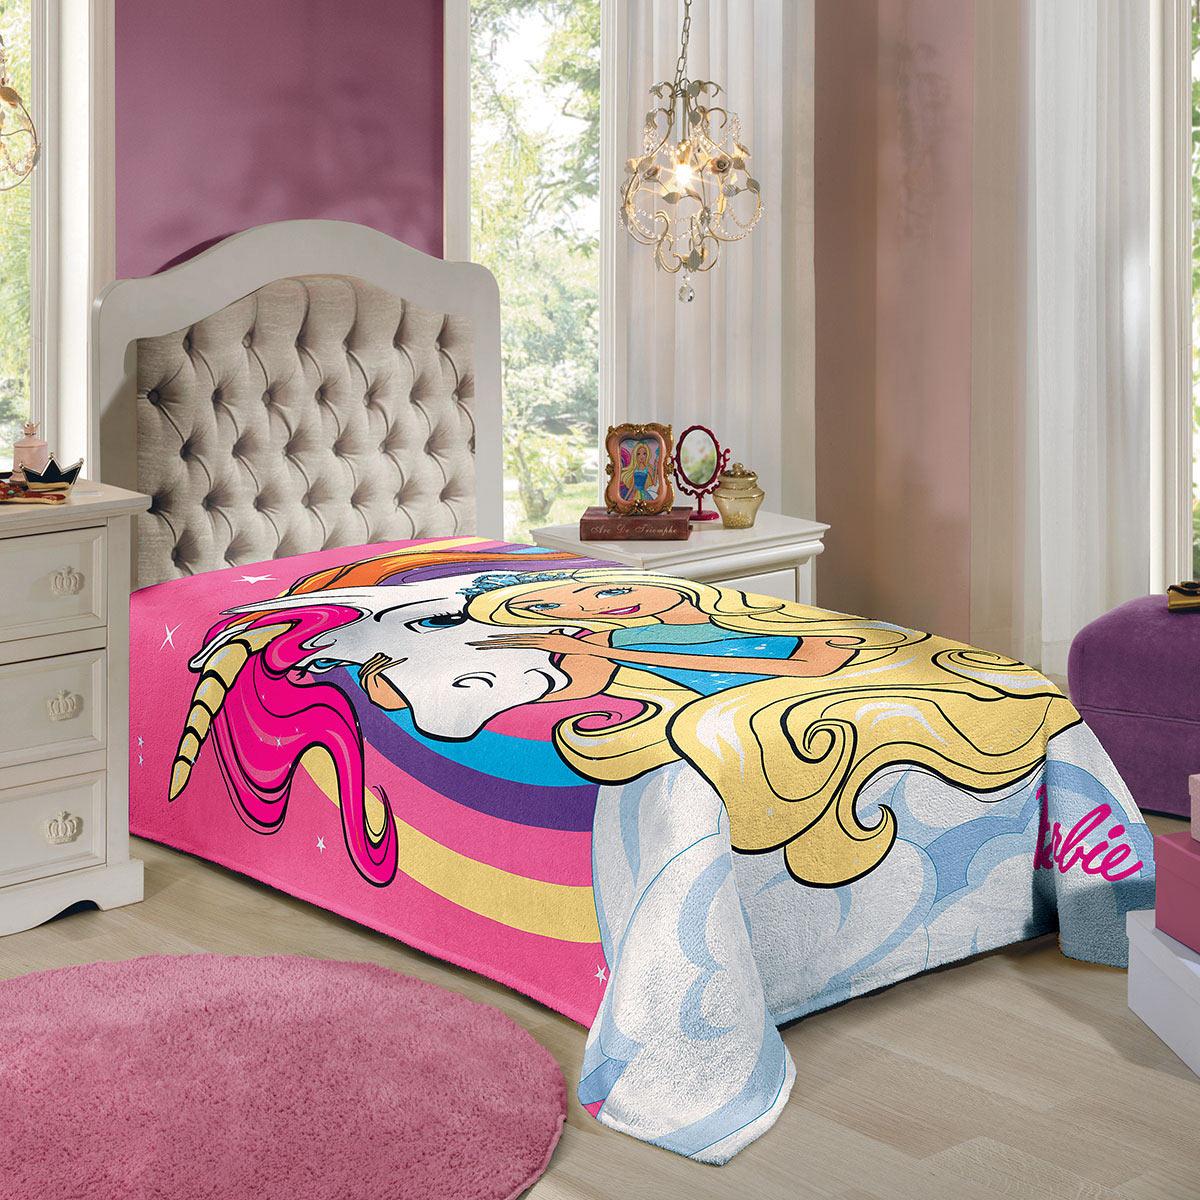 Cobertor Manta Fleece Infantil Barbie Reinos Mágicos Menina Lepper